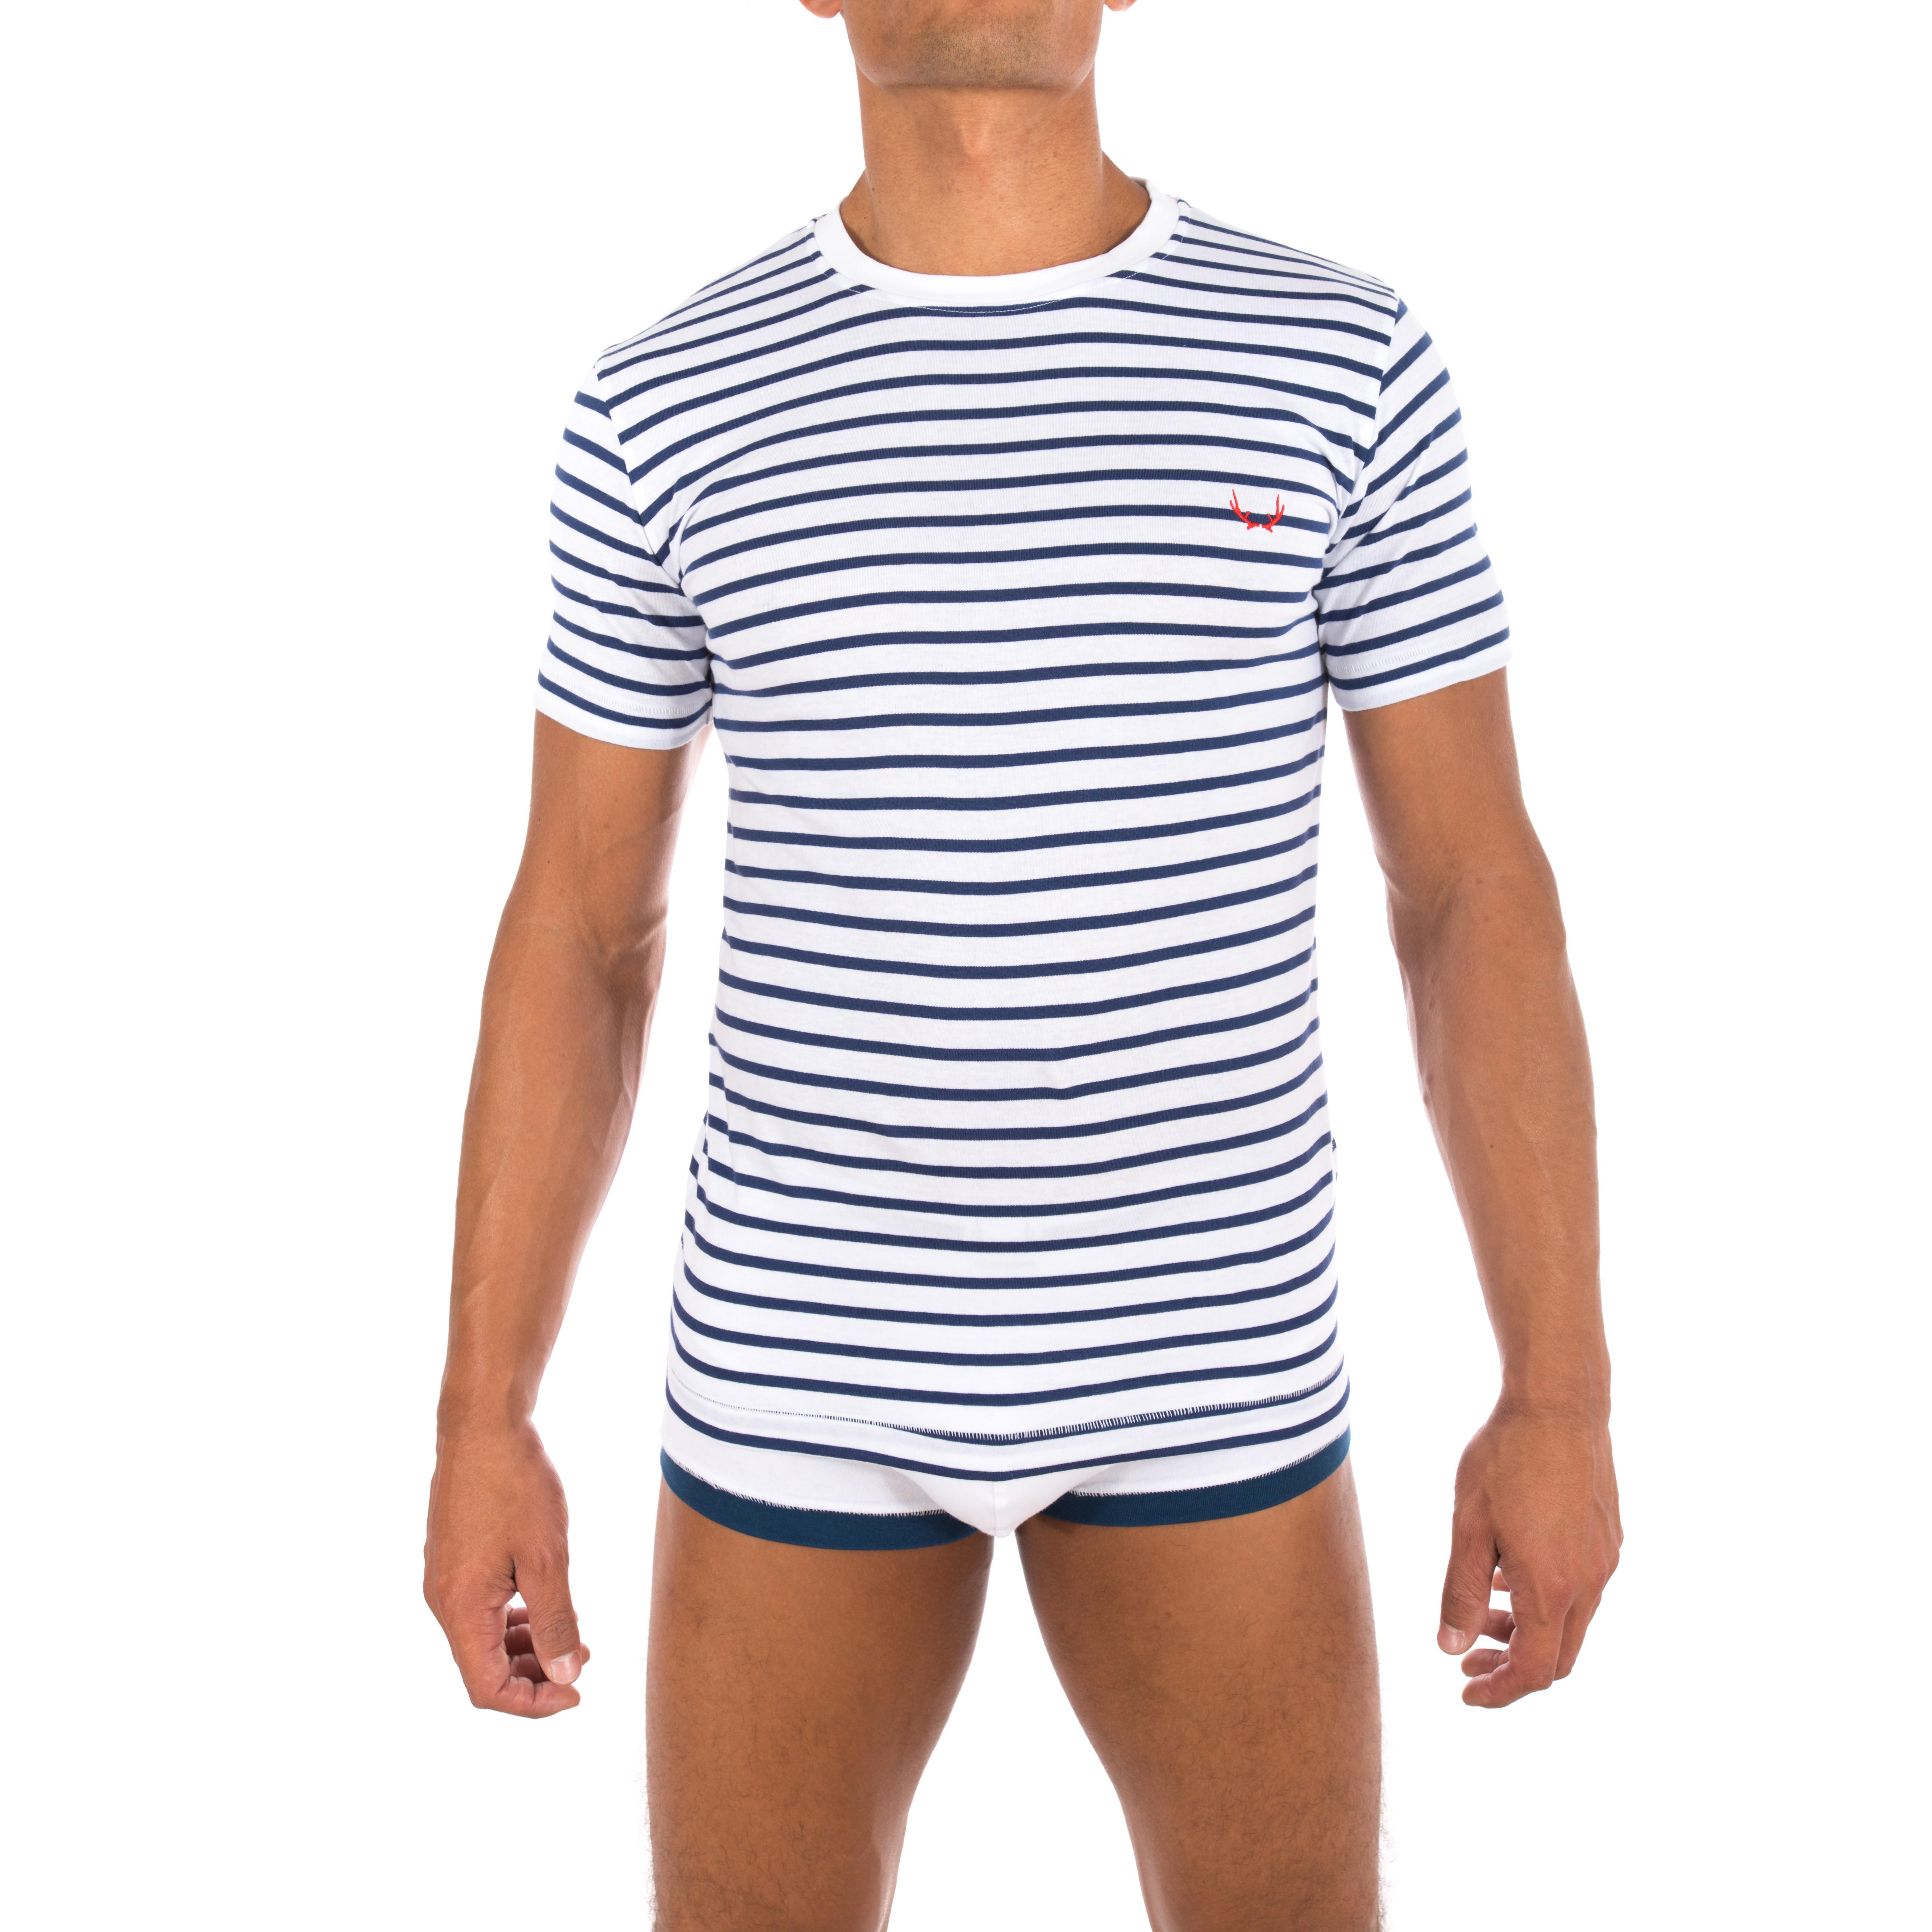 4f6c6792491a T-Shirt marin blanc - BLUEBUCK   vente T-shirt manches courtes homm...